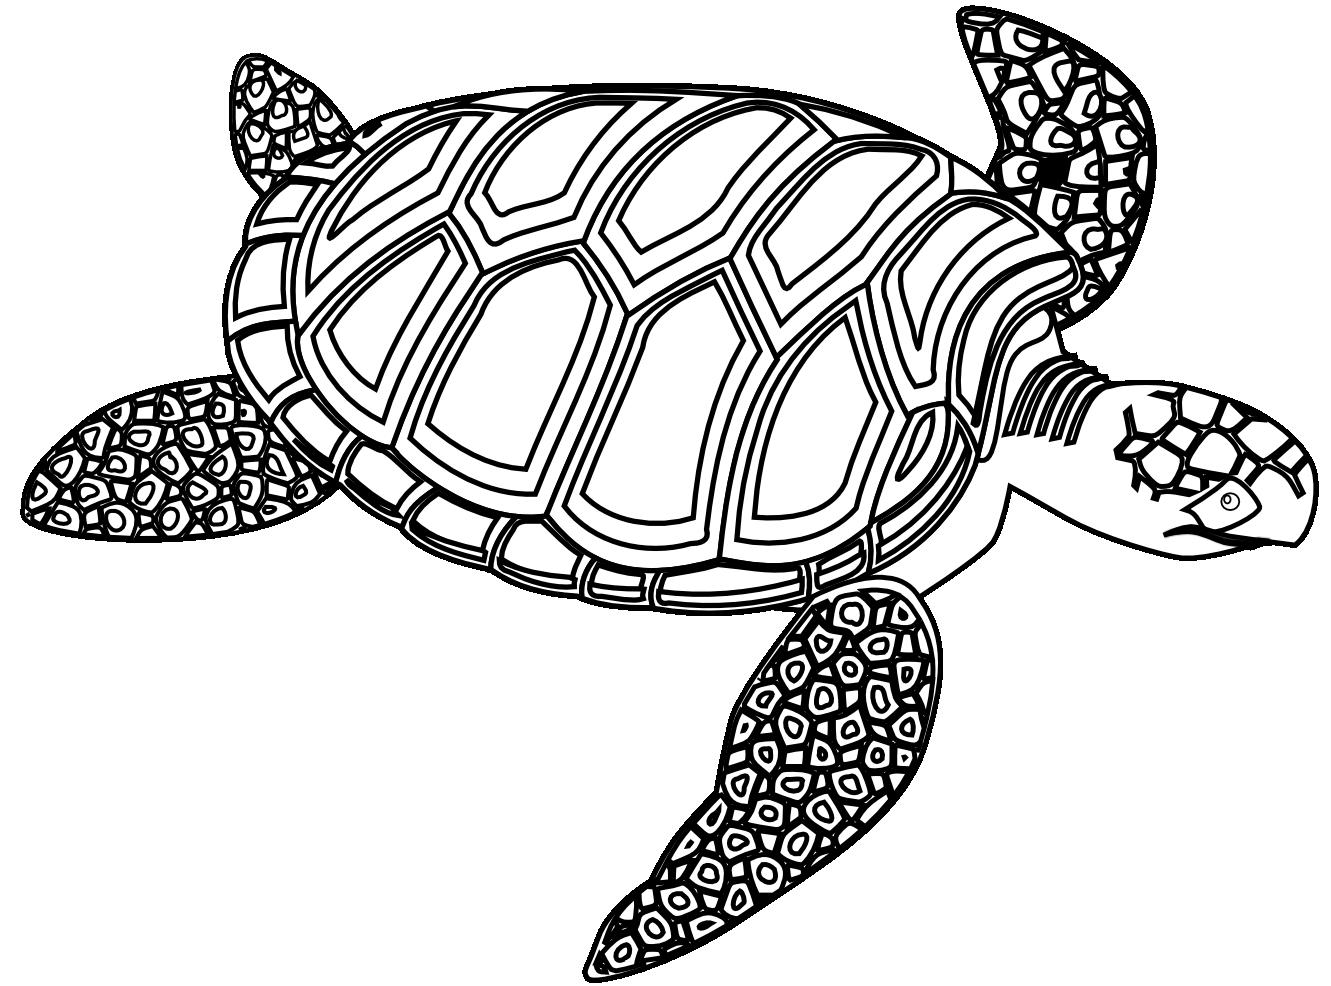 Valessiobrito green sea black. Clipart turtle body